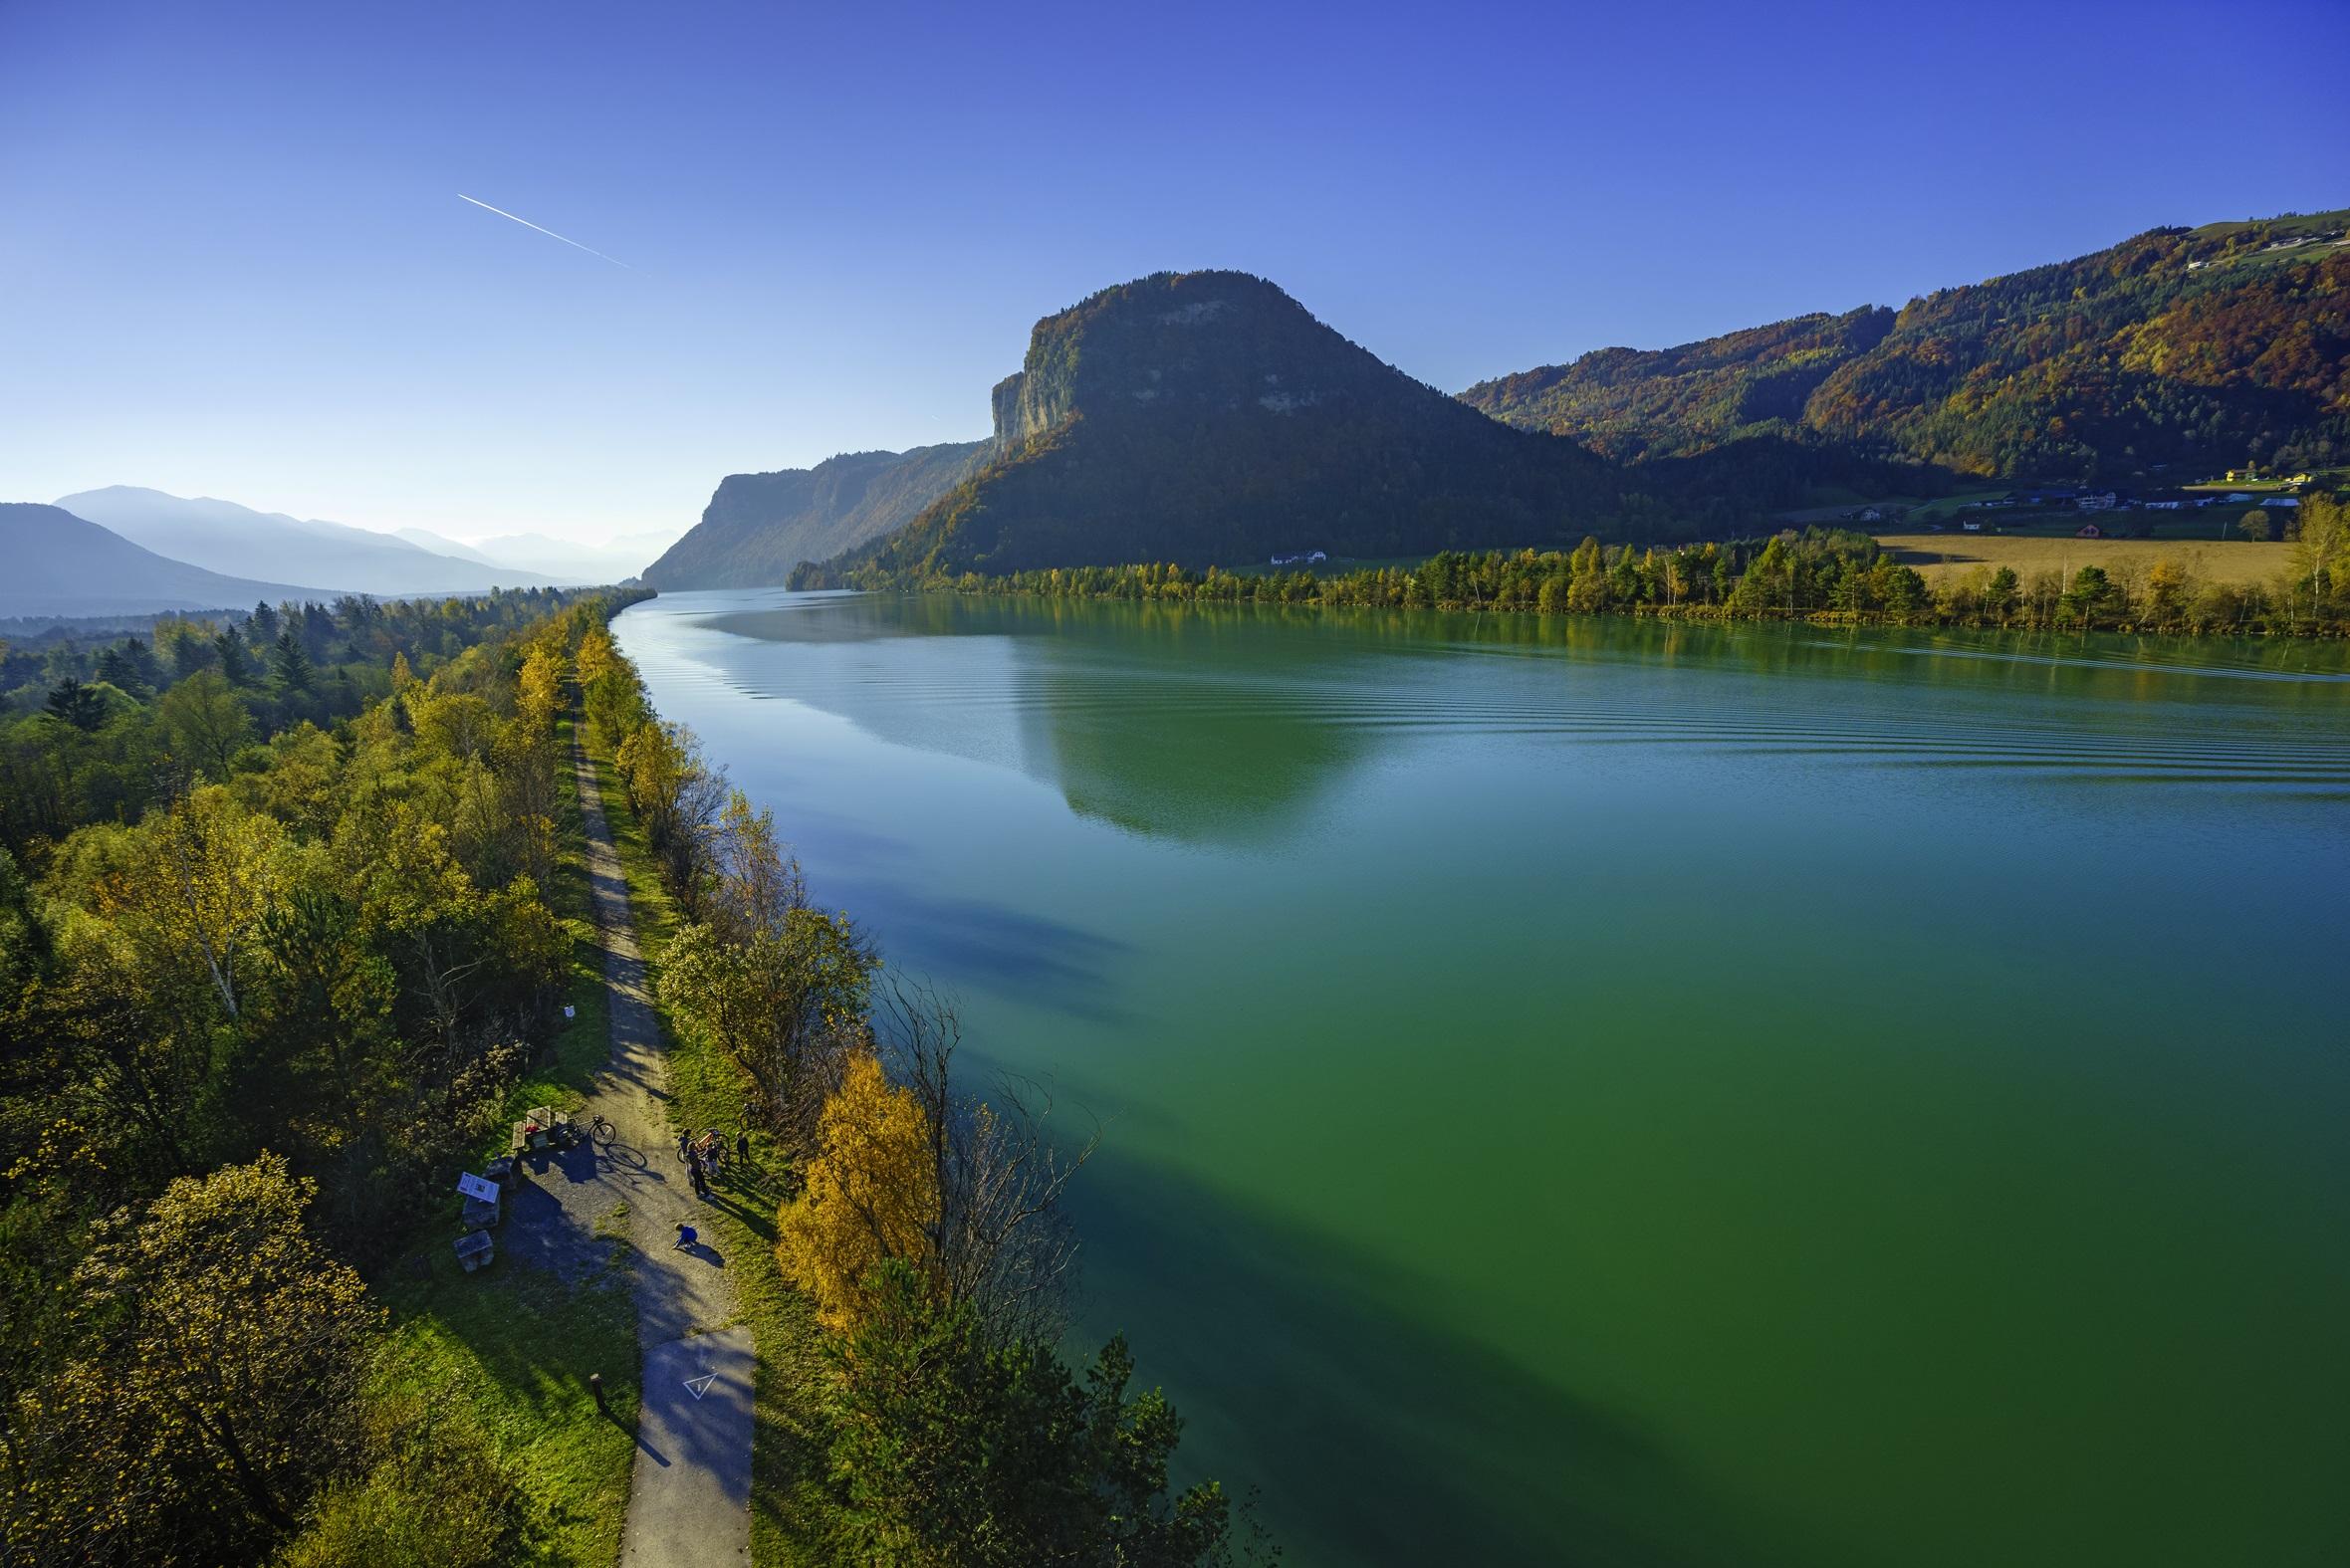 Der 5 Sterne Drauradweg zählt zu den schönsten Radrouten Österreichs